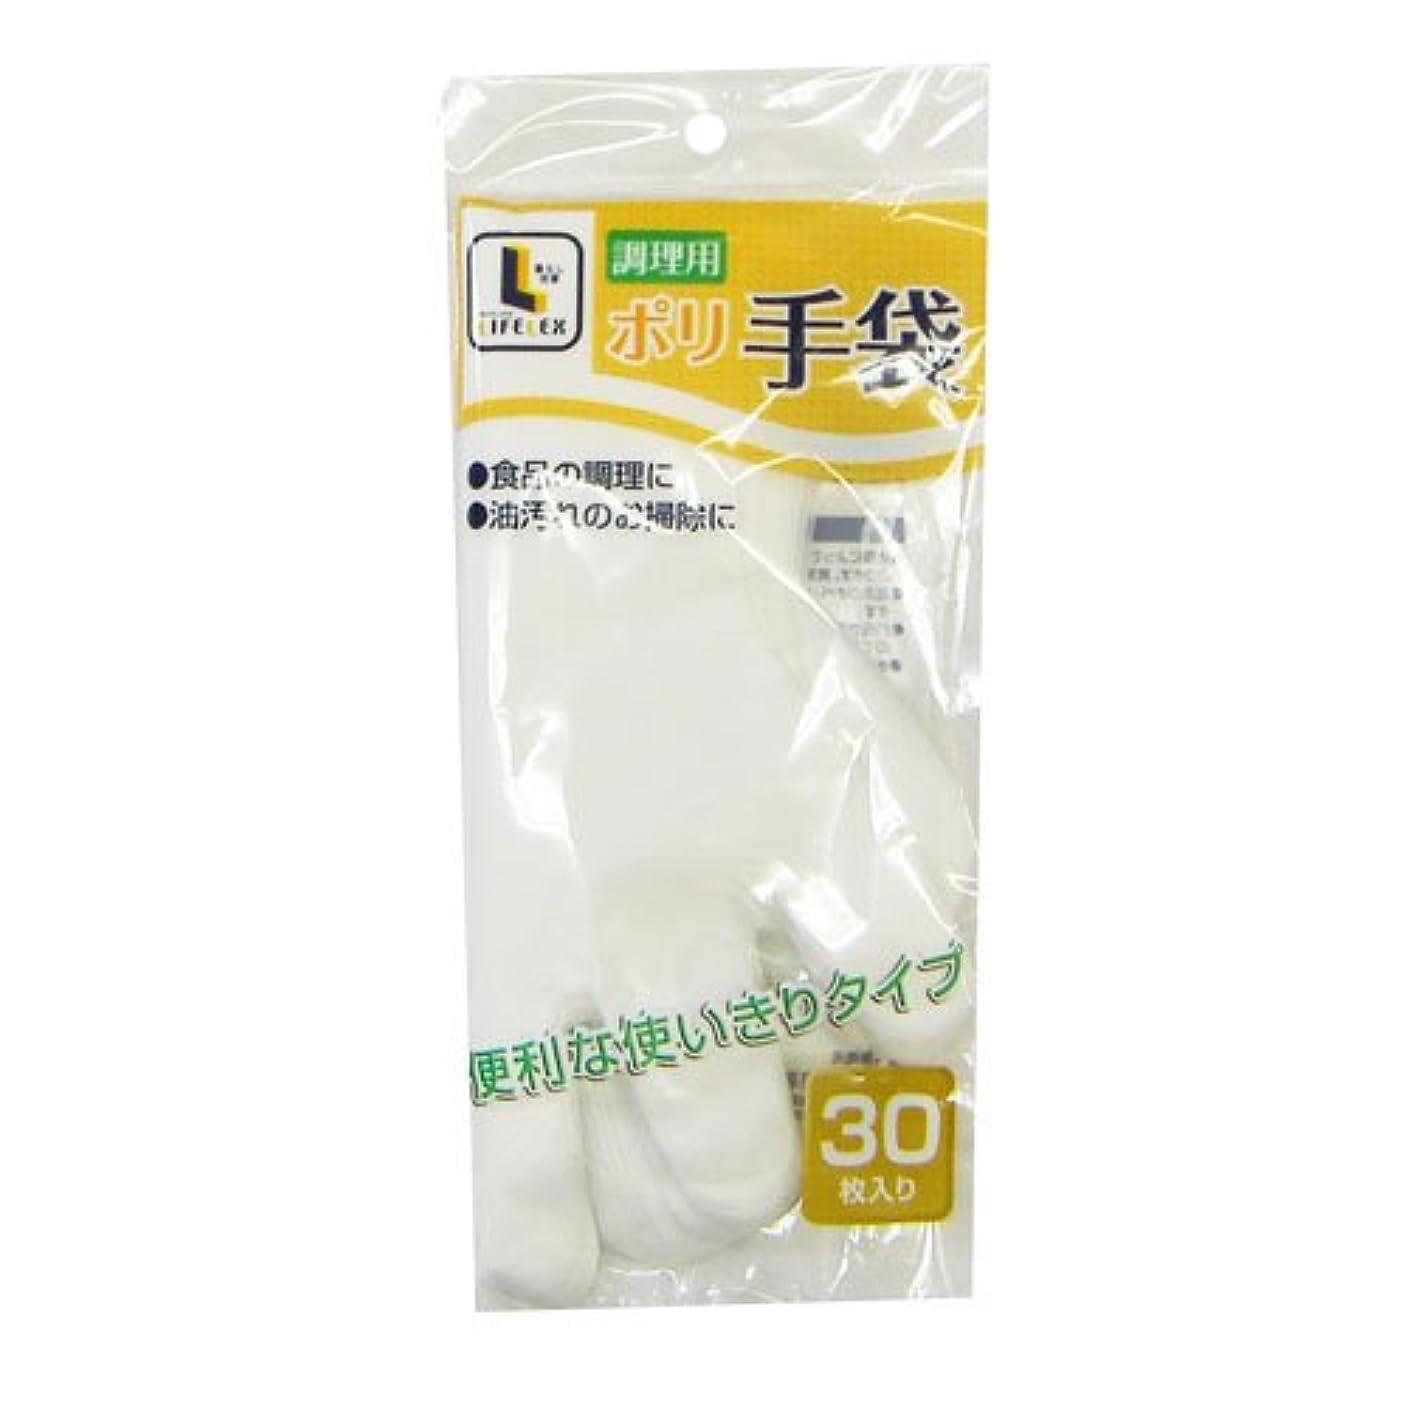 カーペット予定評価可能コーナンオリジナル 調理用ポリ手袋 30枚入 KHD05-7510